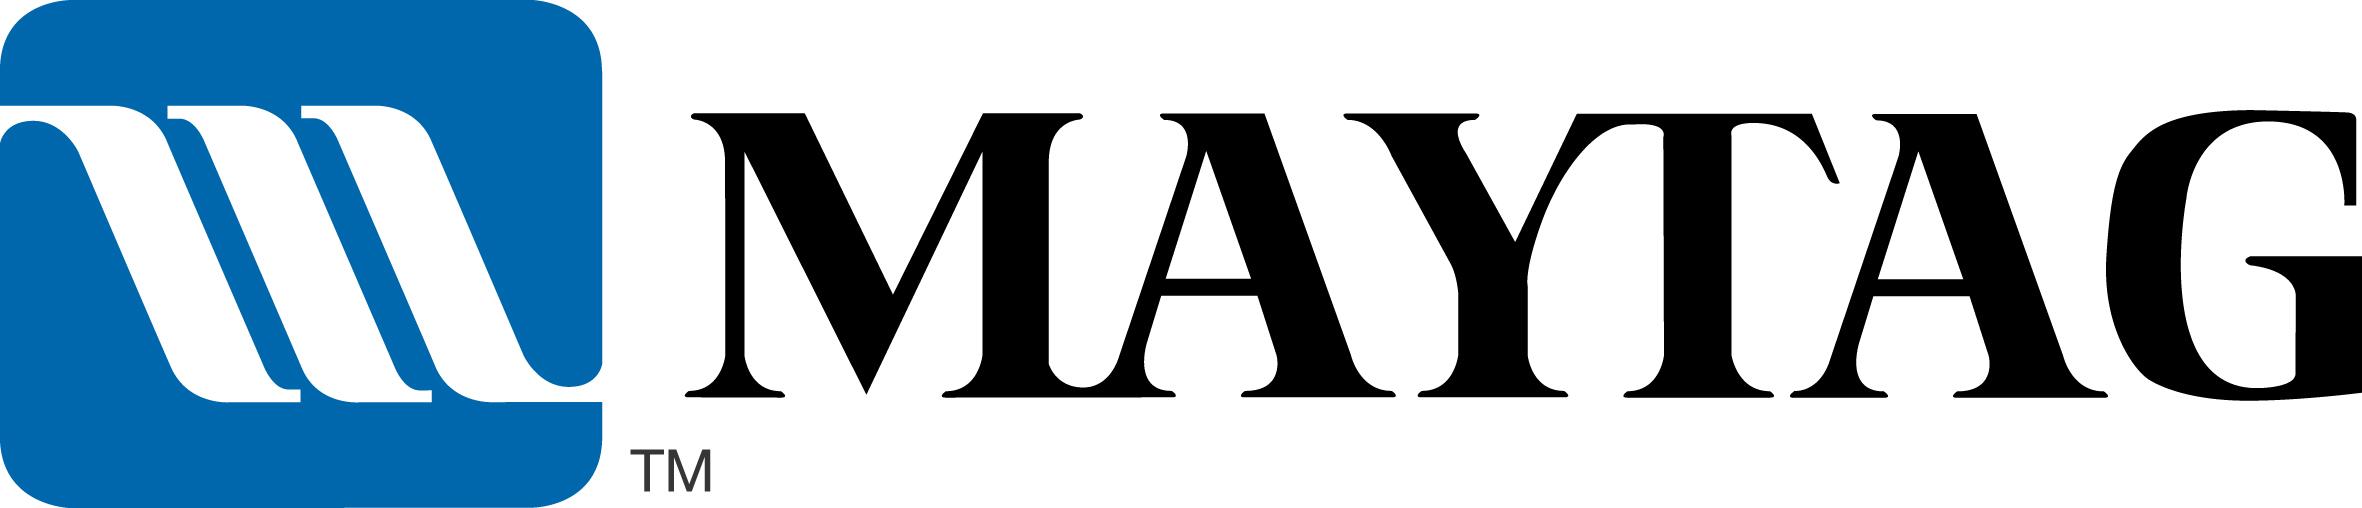 Maytag Logos.